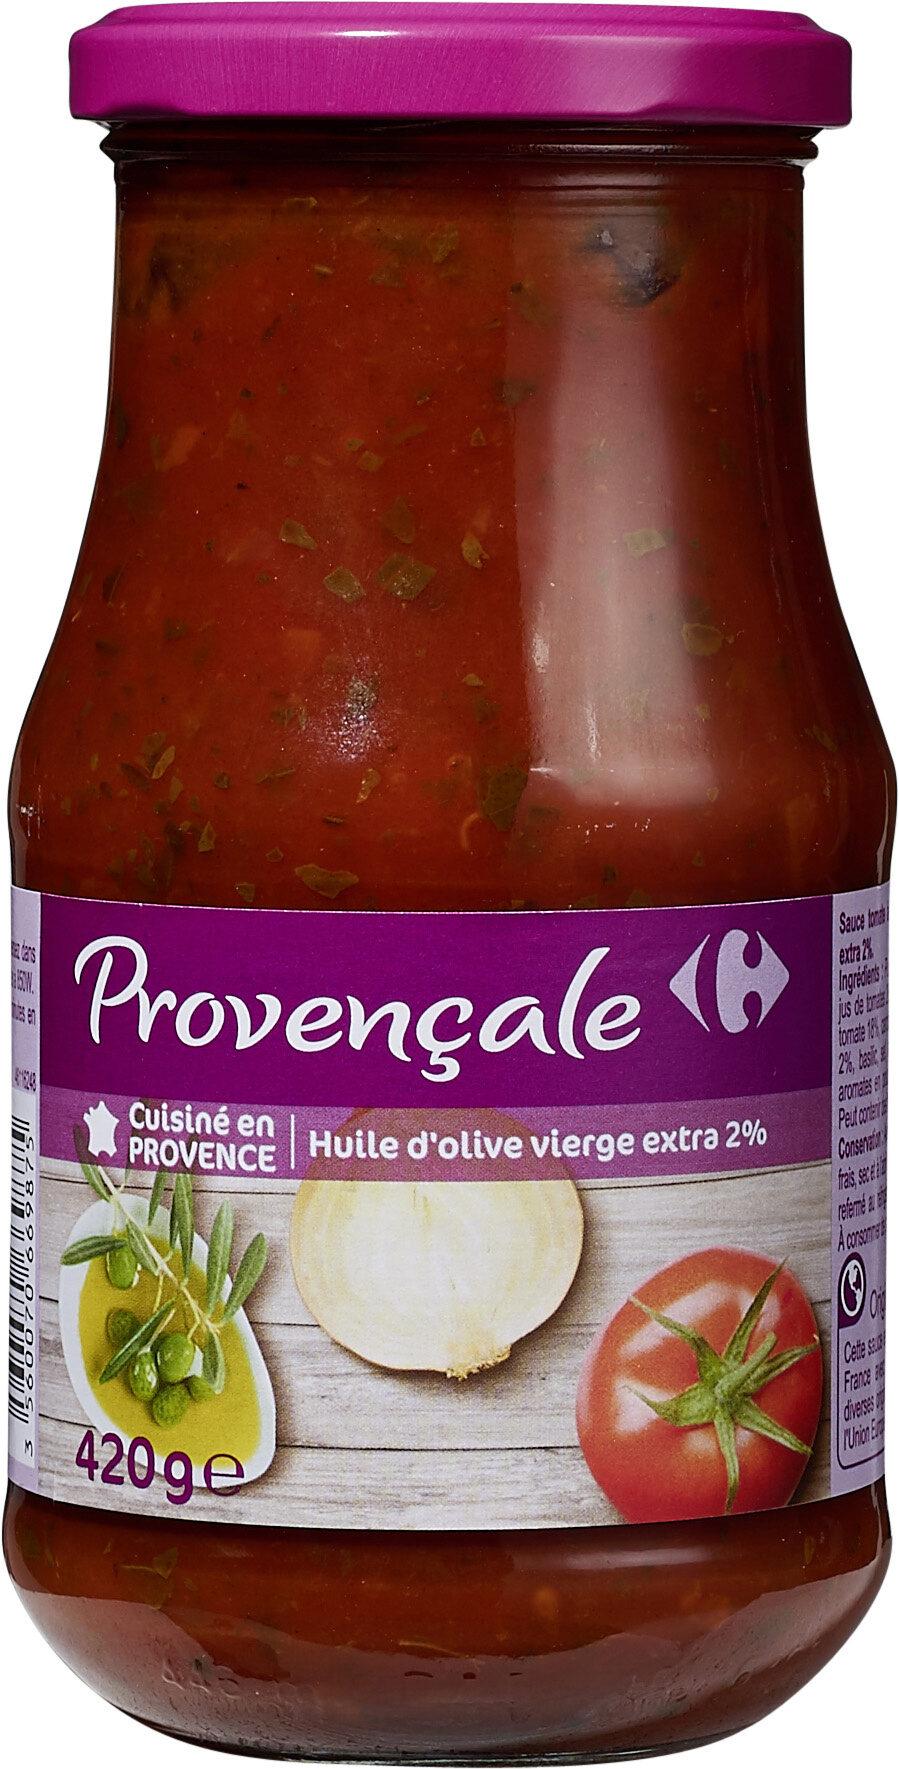 Provençale - Produit - fr